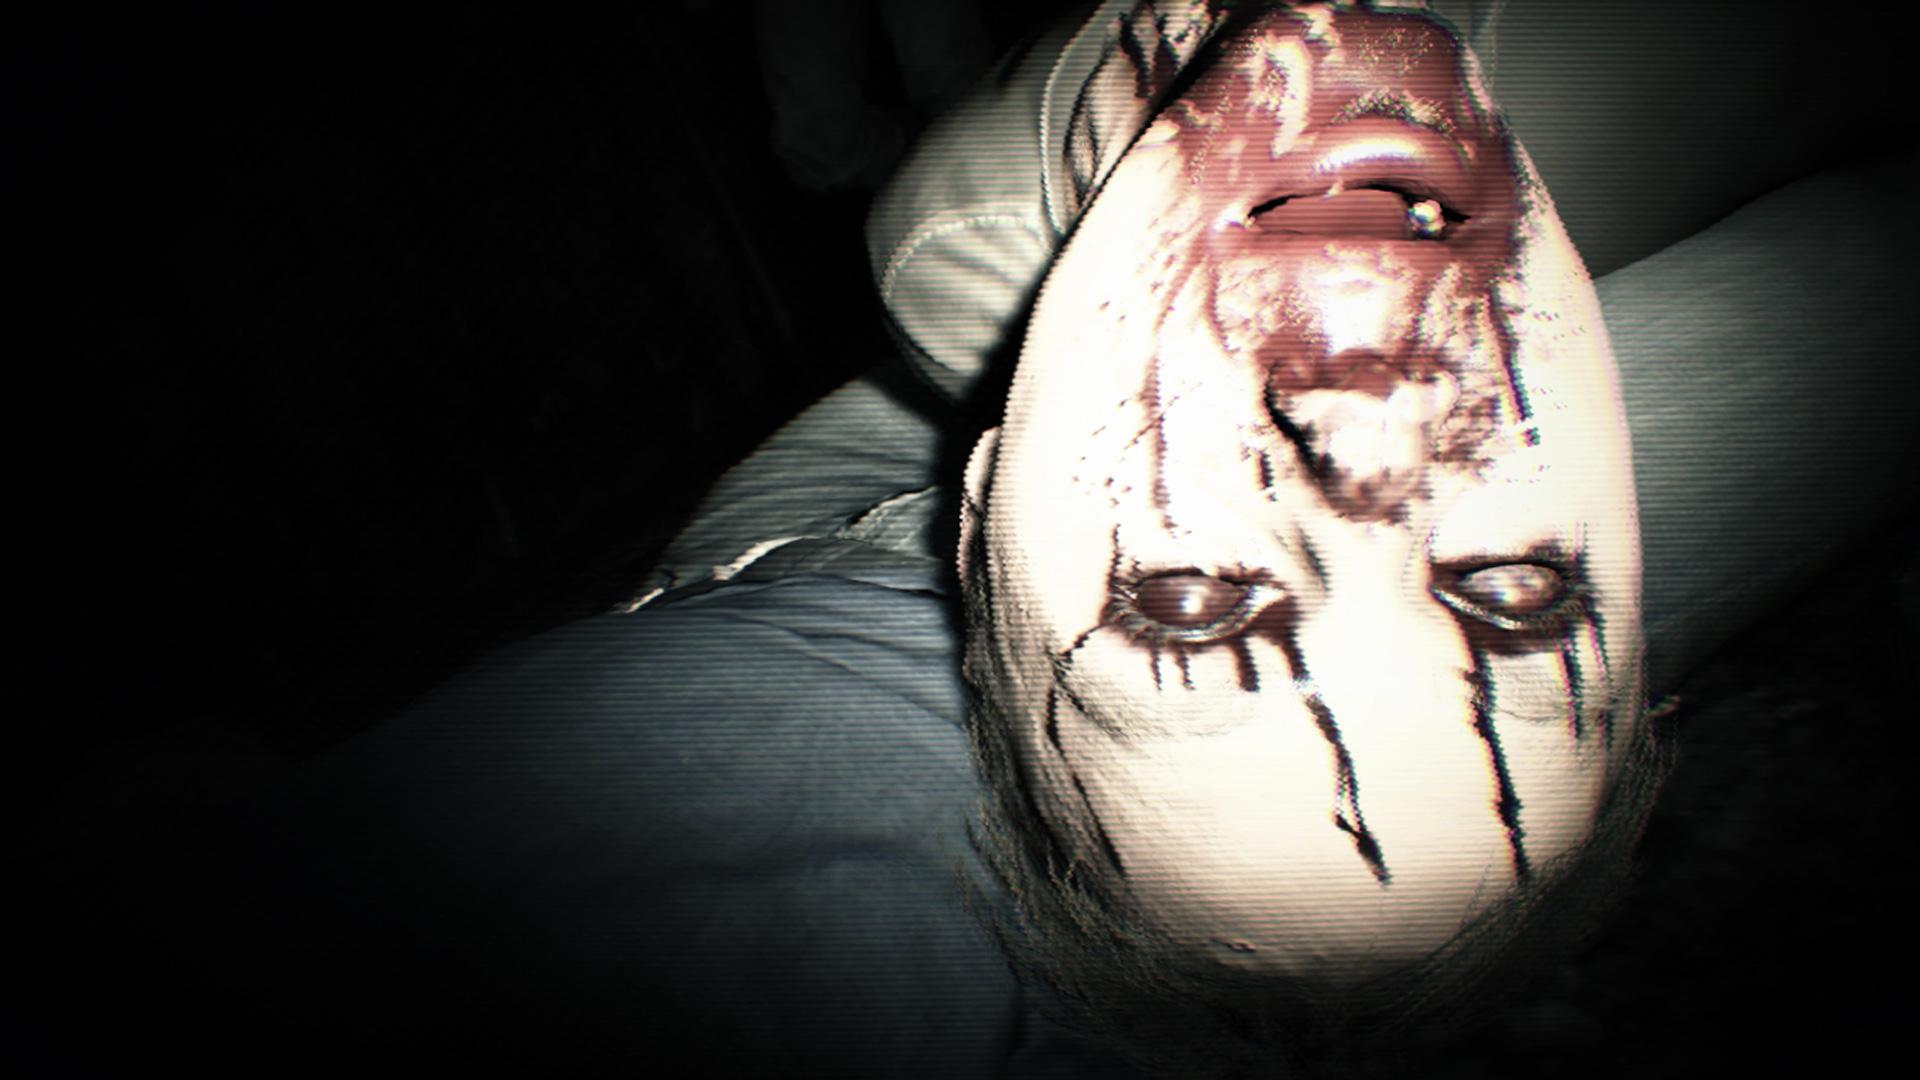 Fichier:Resident Evil 7 - Corpse.jpg